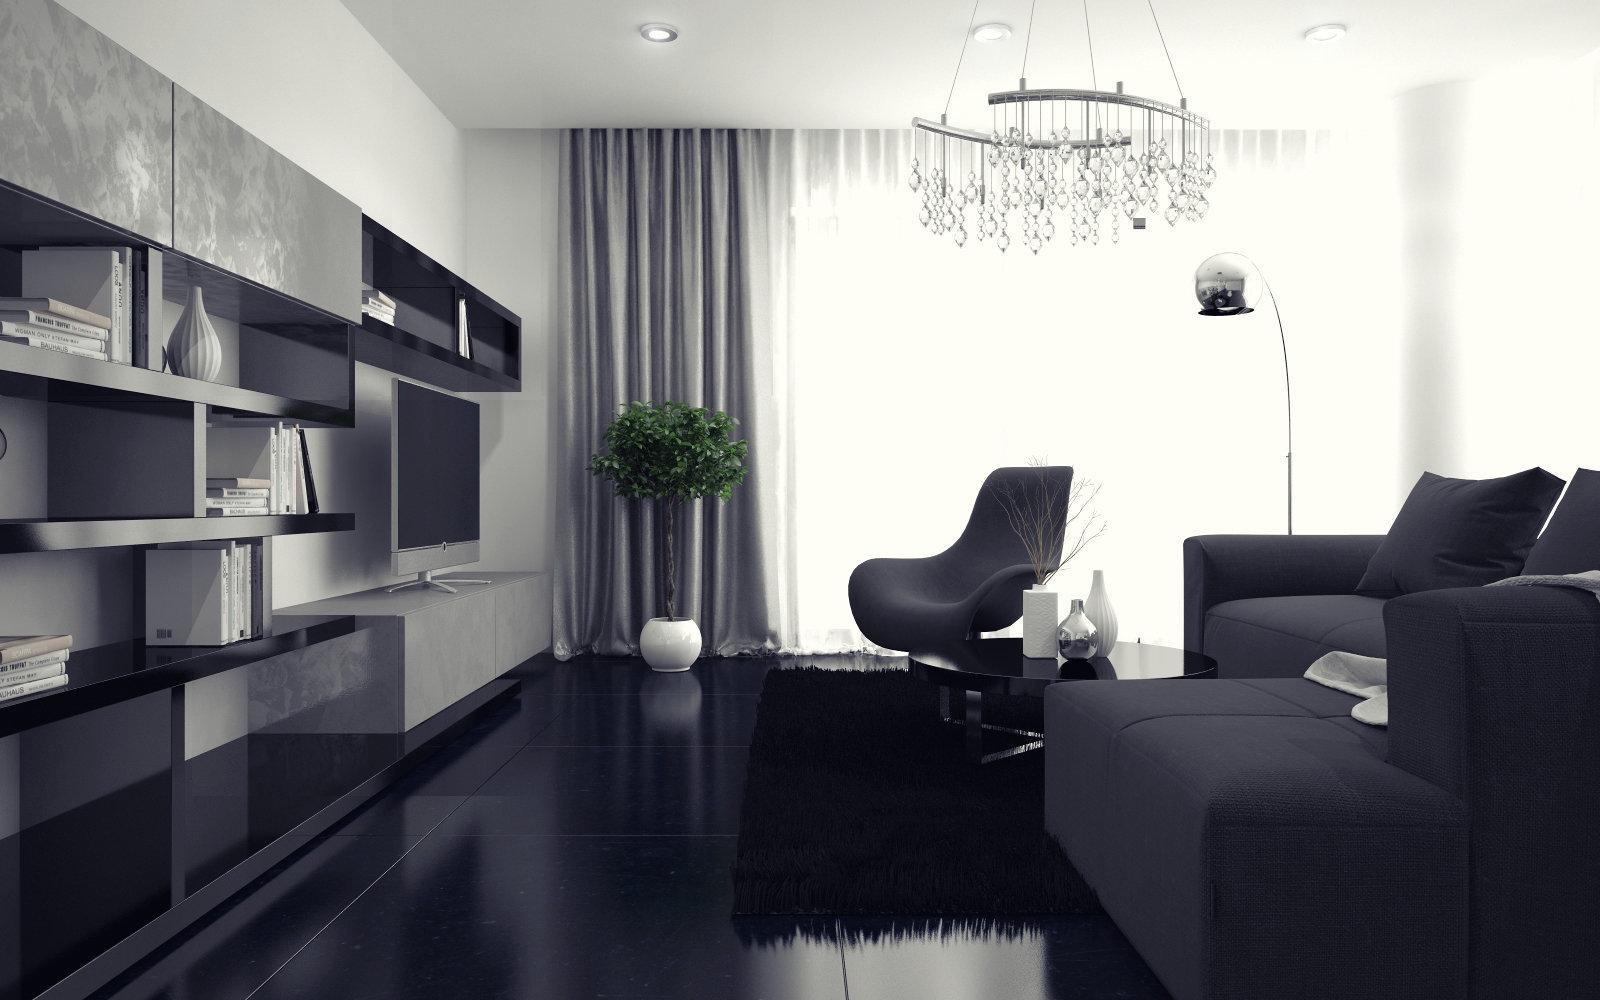 Moderné interiéry,v ktorých sa budete cítiť príjemne - Obrázok č. 111